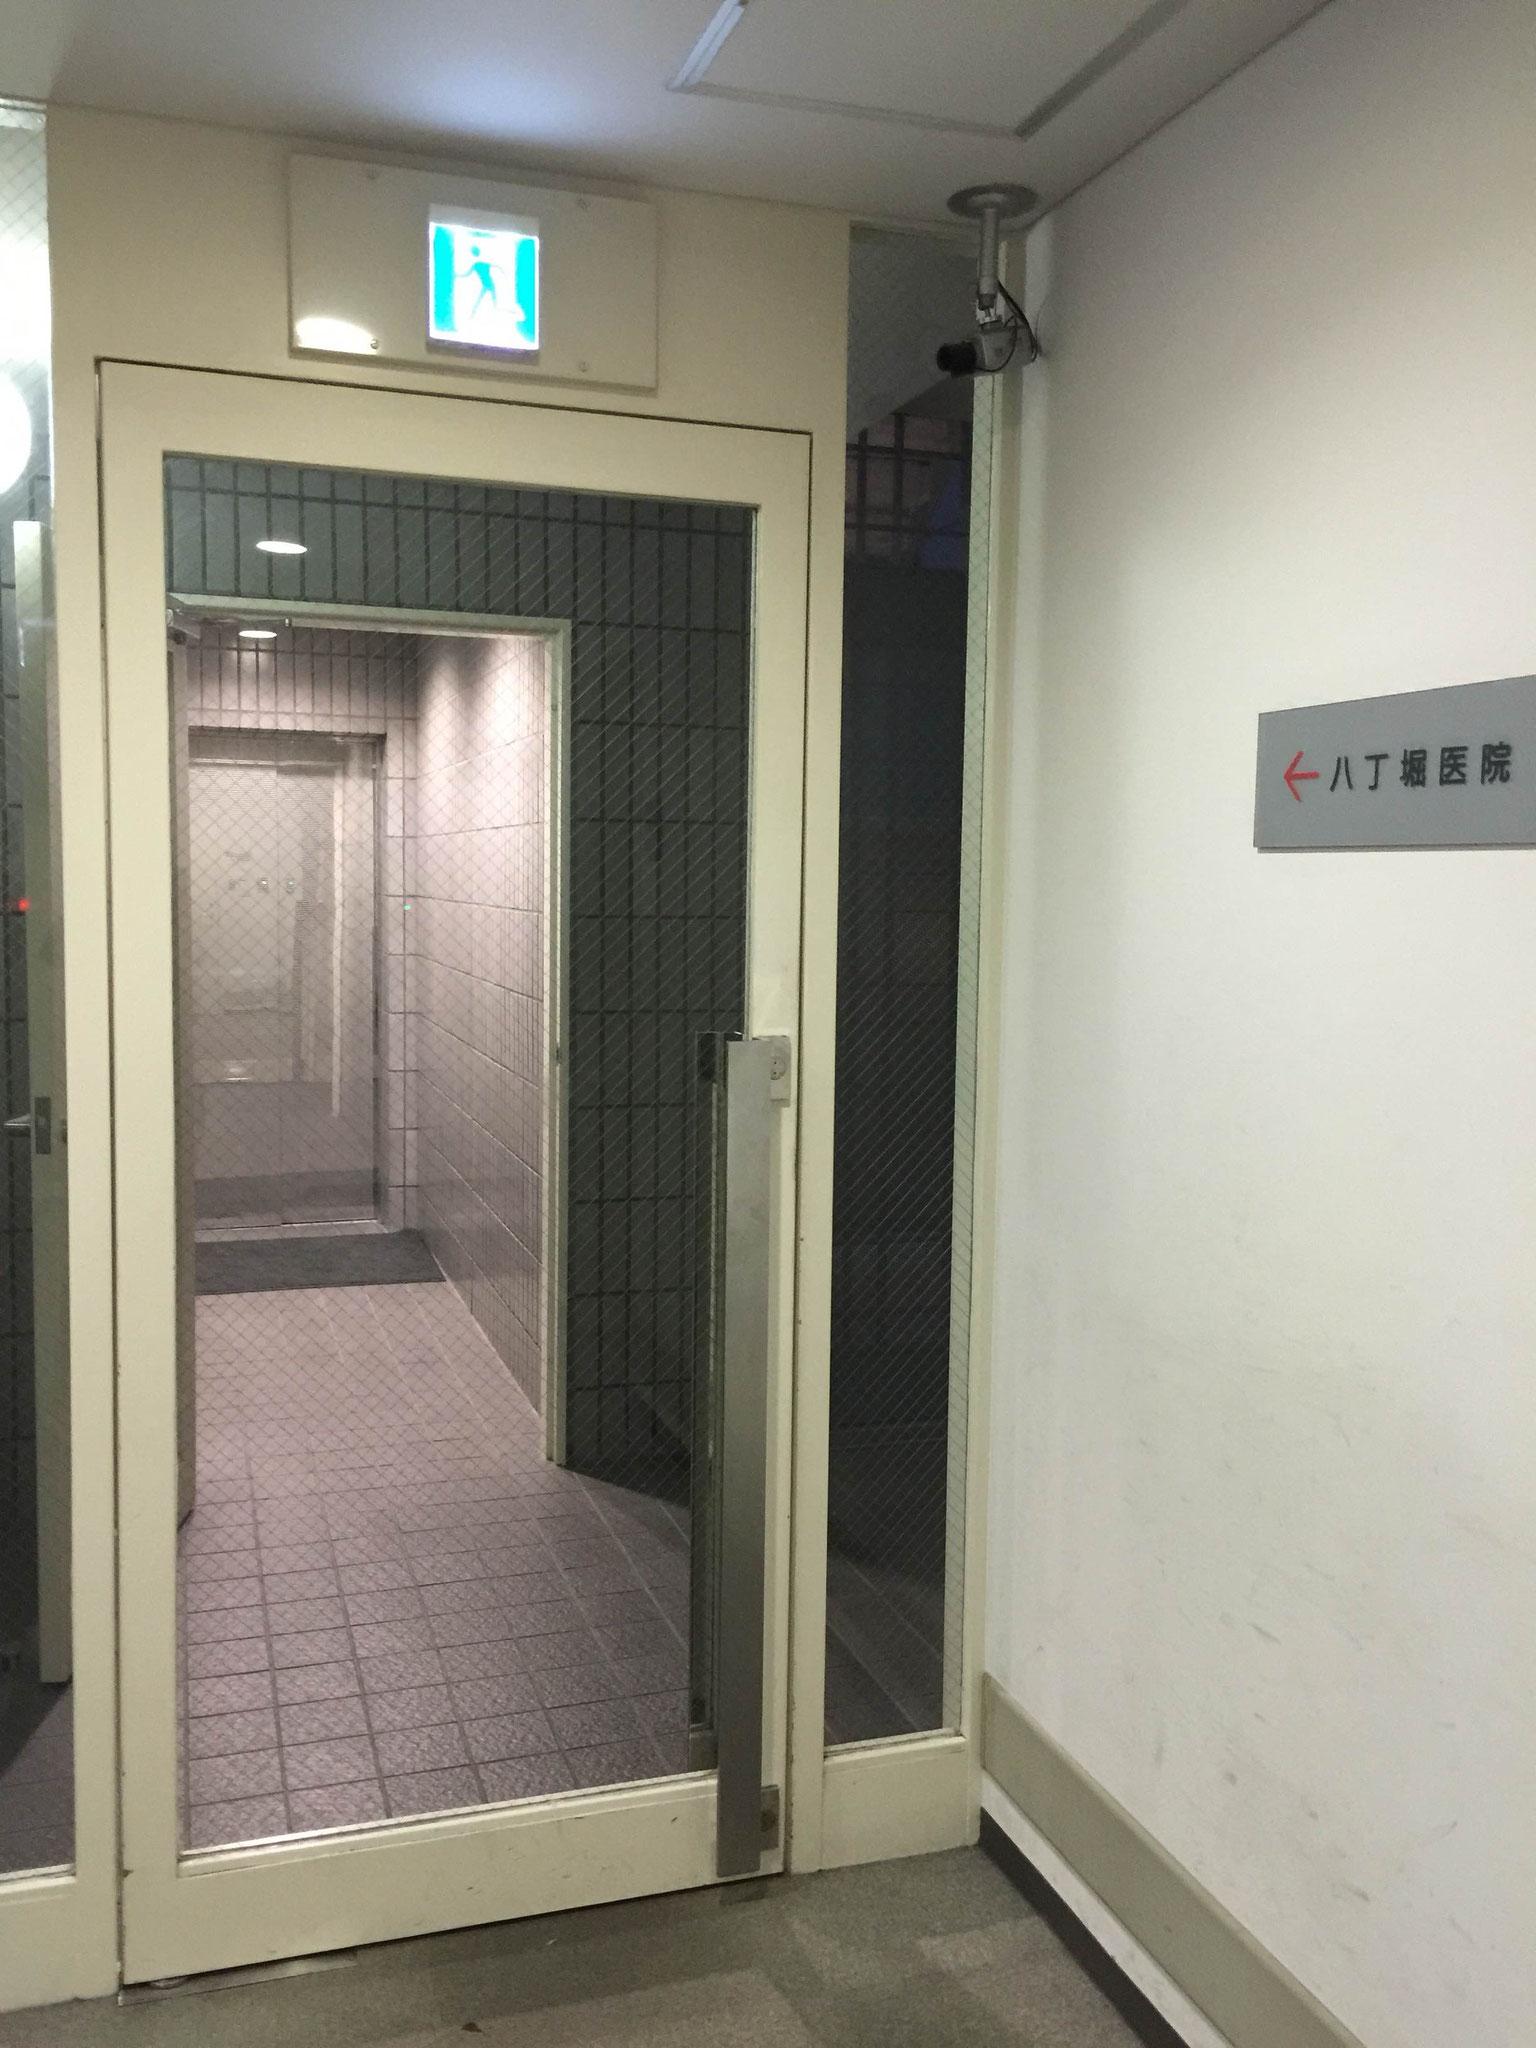 9F直通エレベーター入口